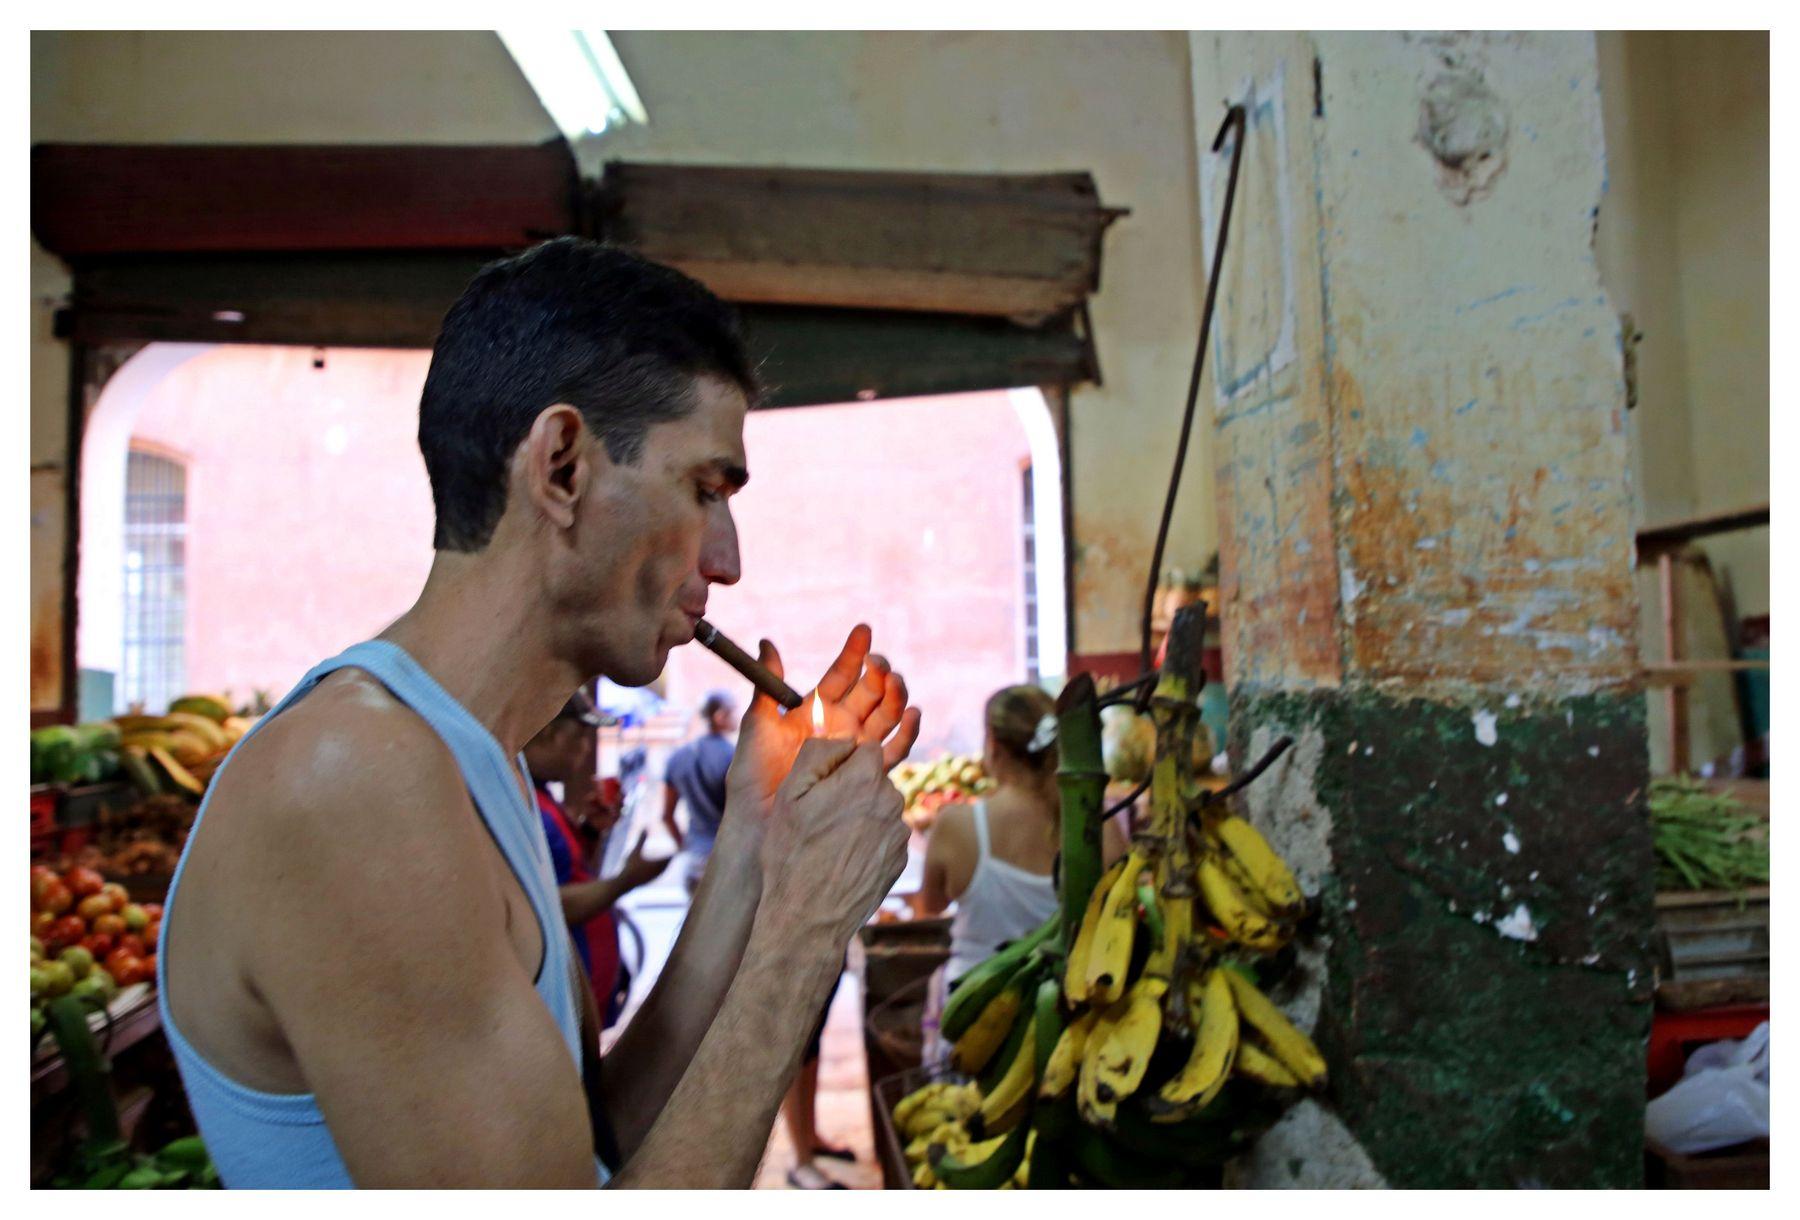 en el mercado cuba la habana vieja libre isla bonita cigarros cubanos